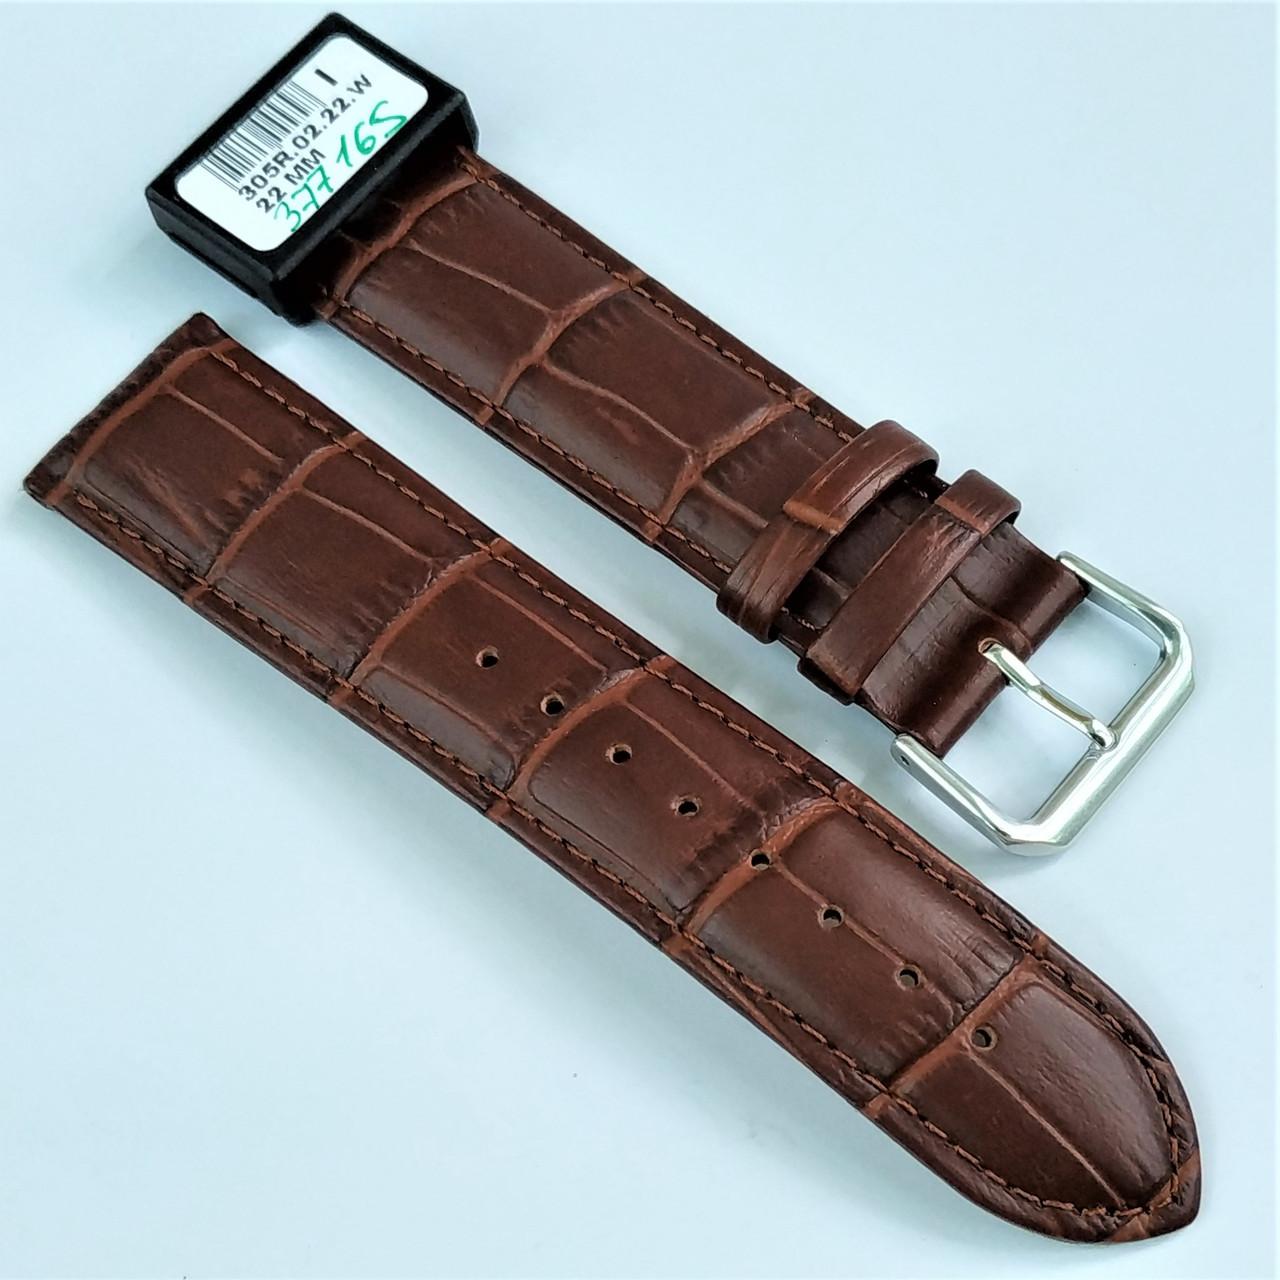 22 мм Кожаный Ремешок для часов CONDOR 305.22.02 Коричневый Ремешок на часы из Натуральной кожи